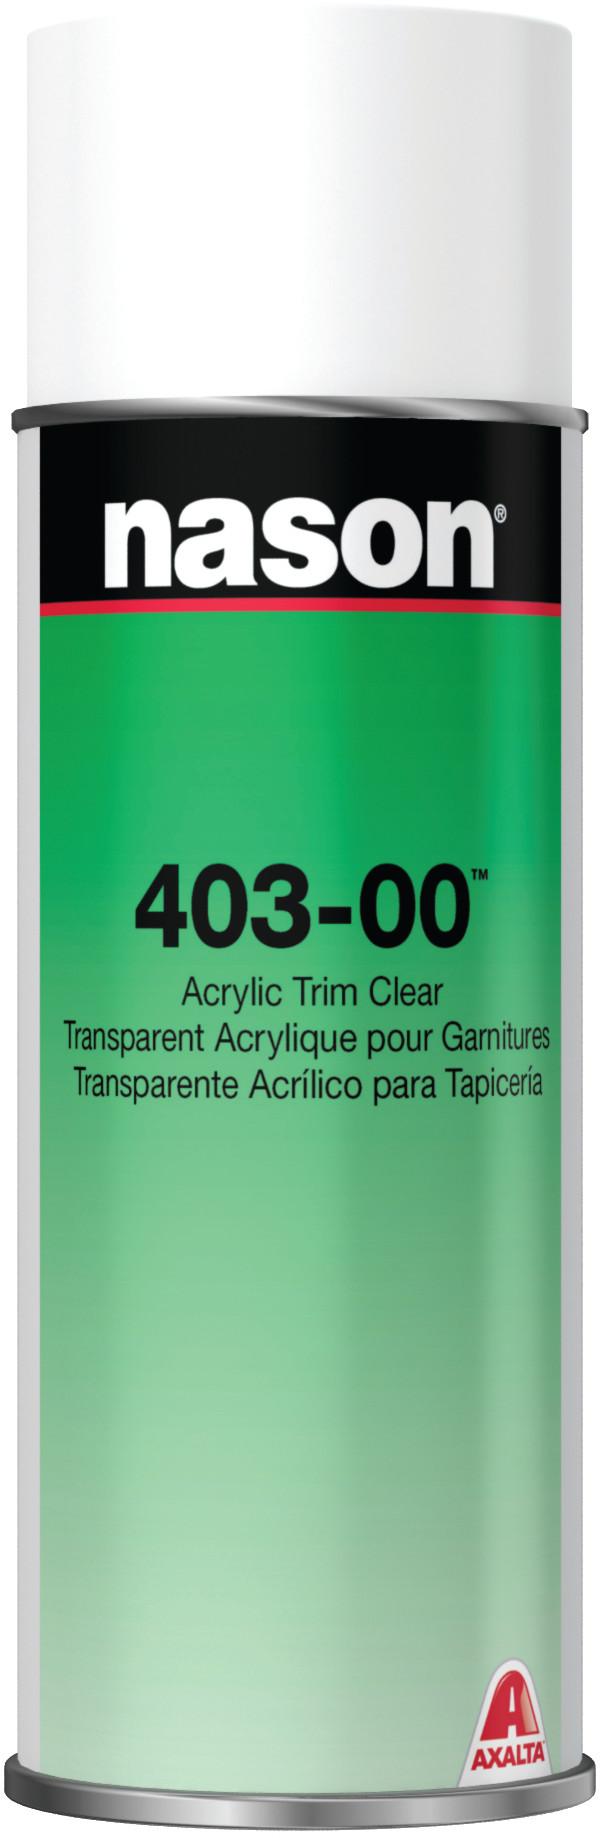 Axalta Nason 403 00 Acrylic Trim Clear